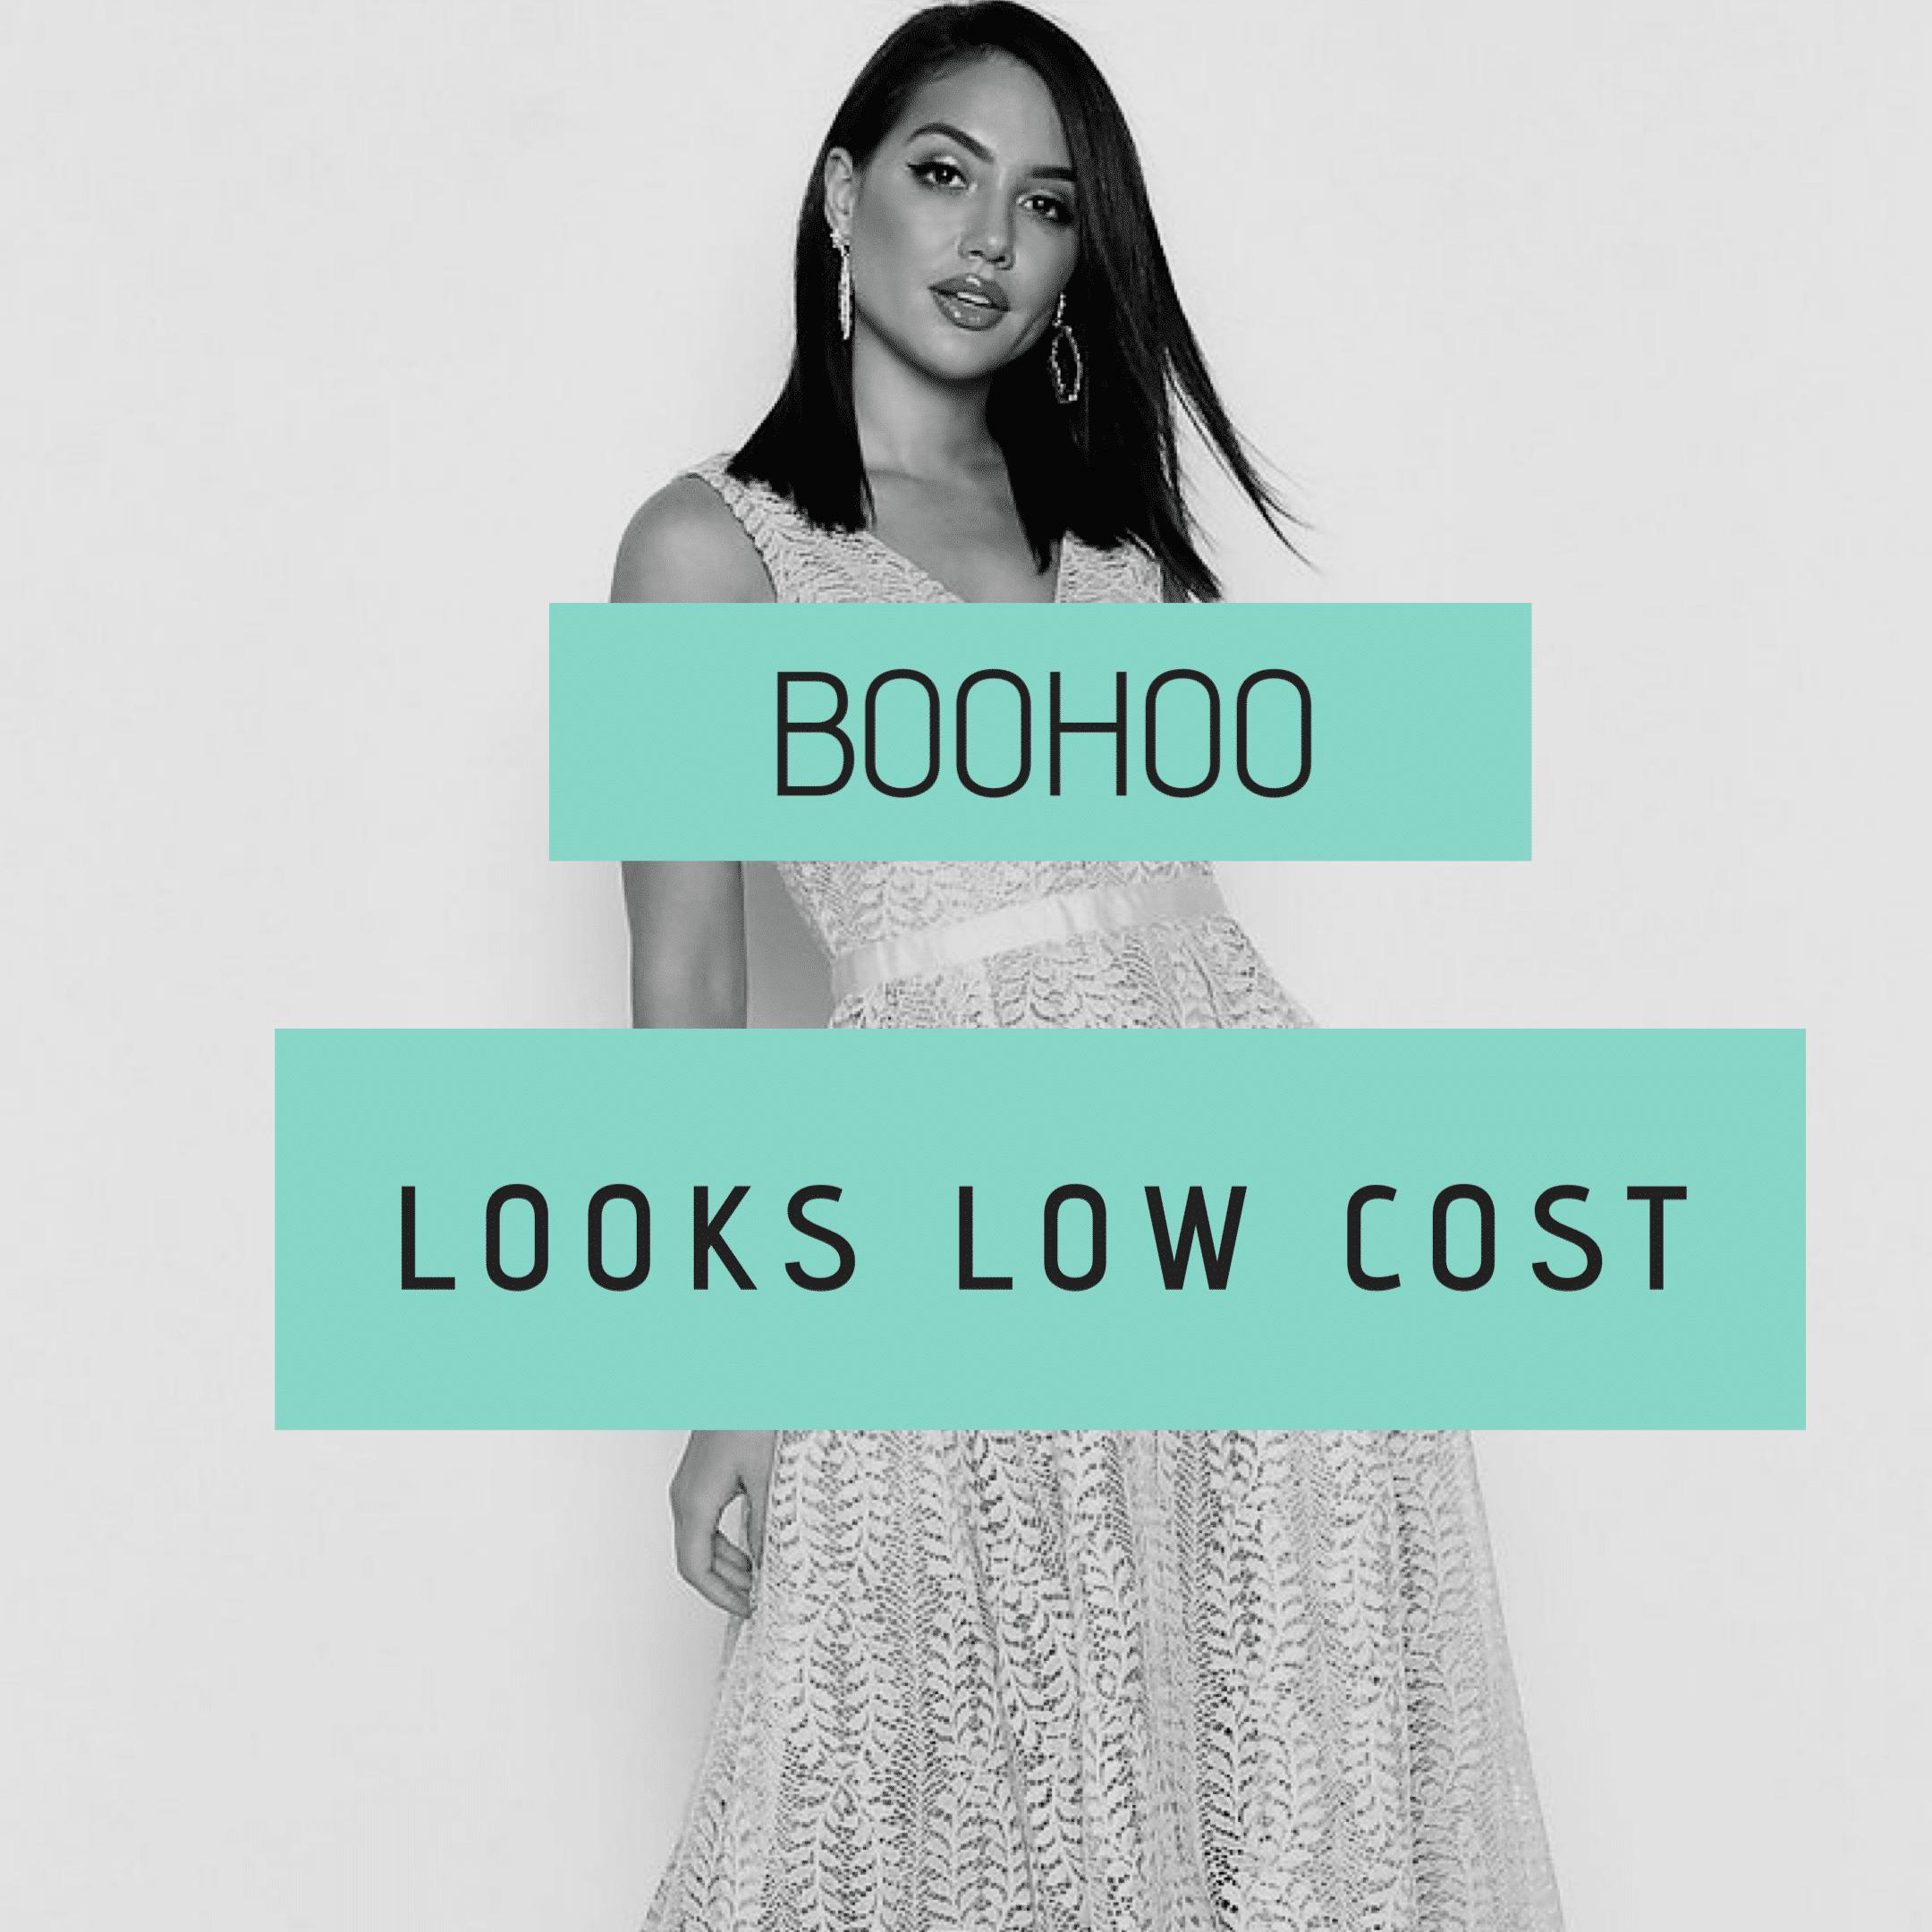 15 vestidos low cost para invitadas de boda- Boohoo